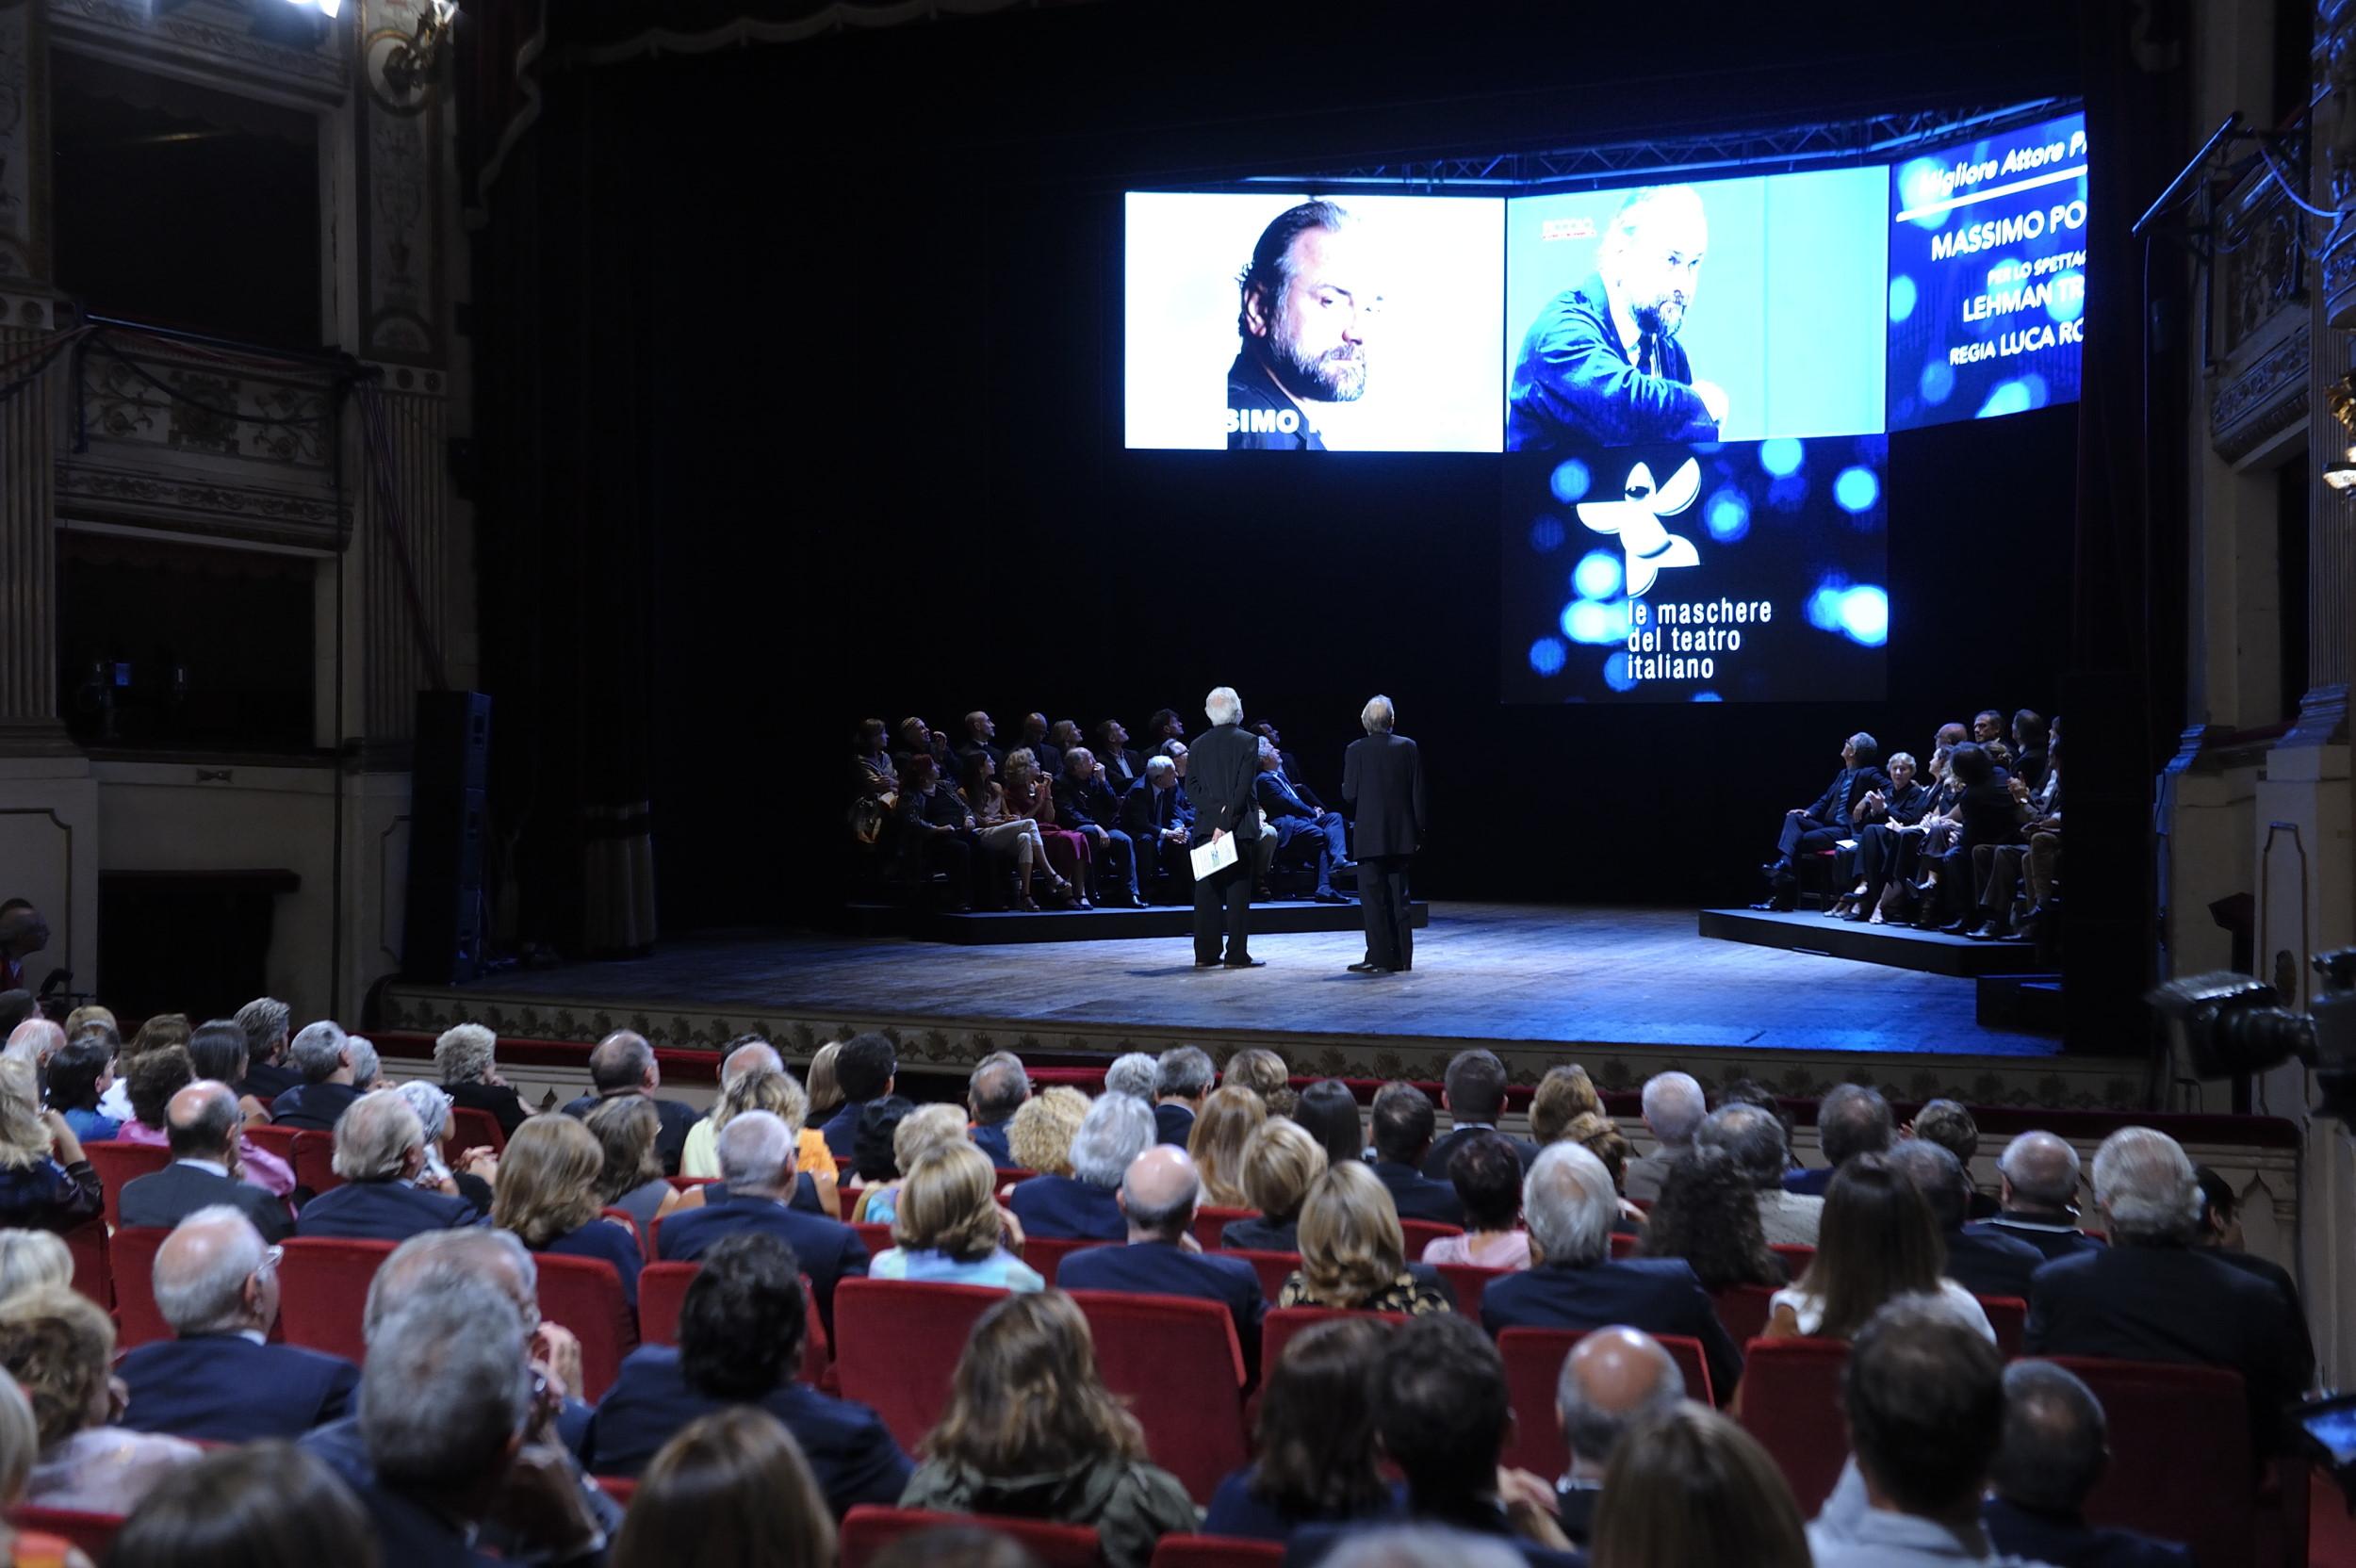 Napoli, Teatro Mercadante, i vincitori del Premio le Maschere